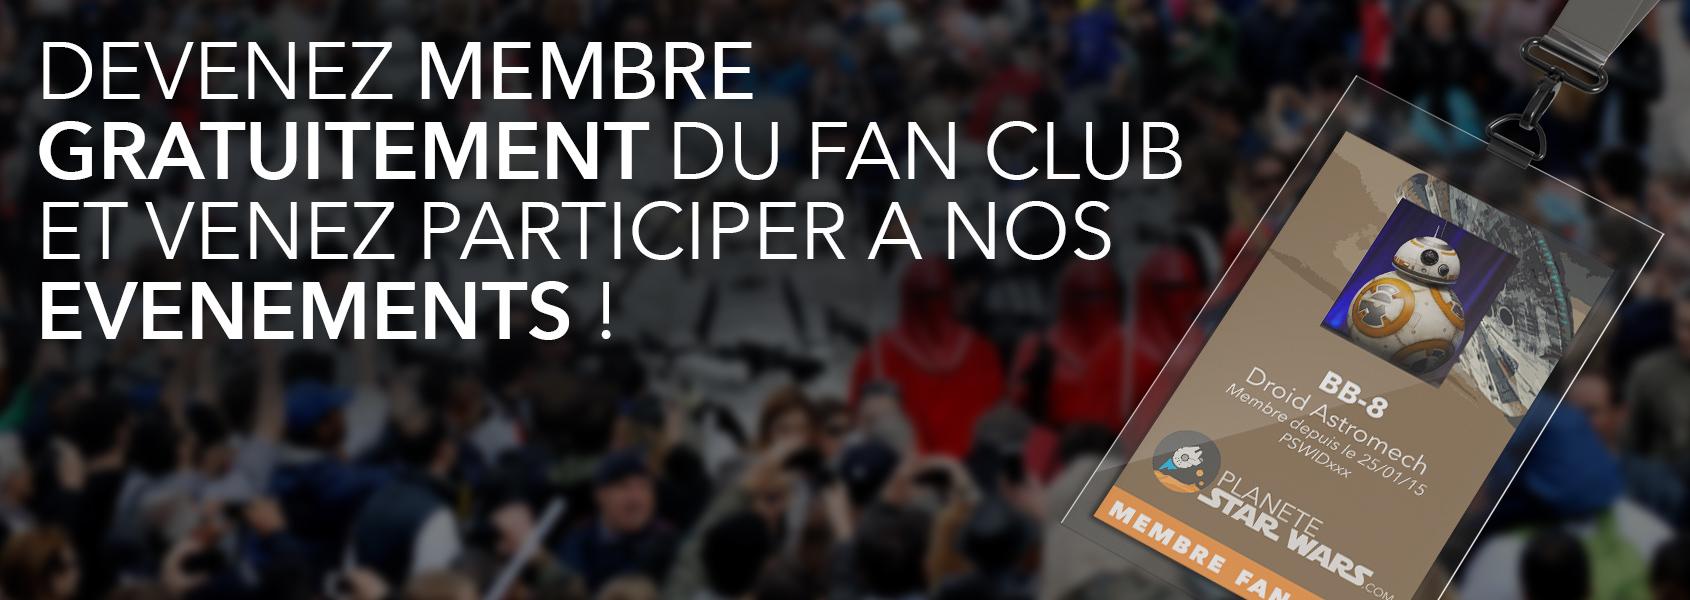 Devenez membre gratuitement du plus grand fanclub francophone de Star Wars !